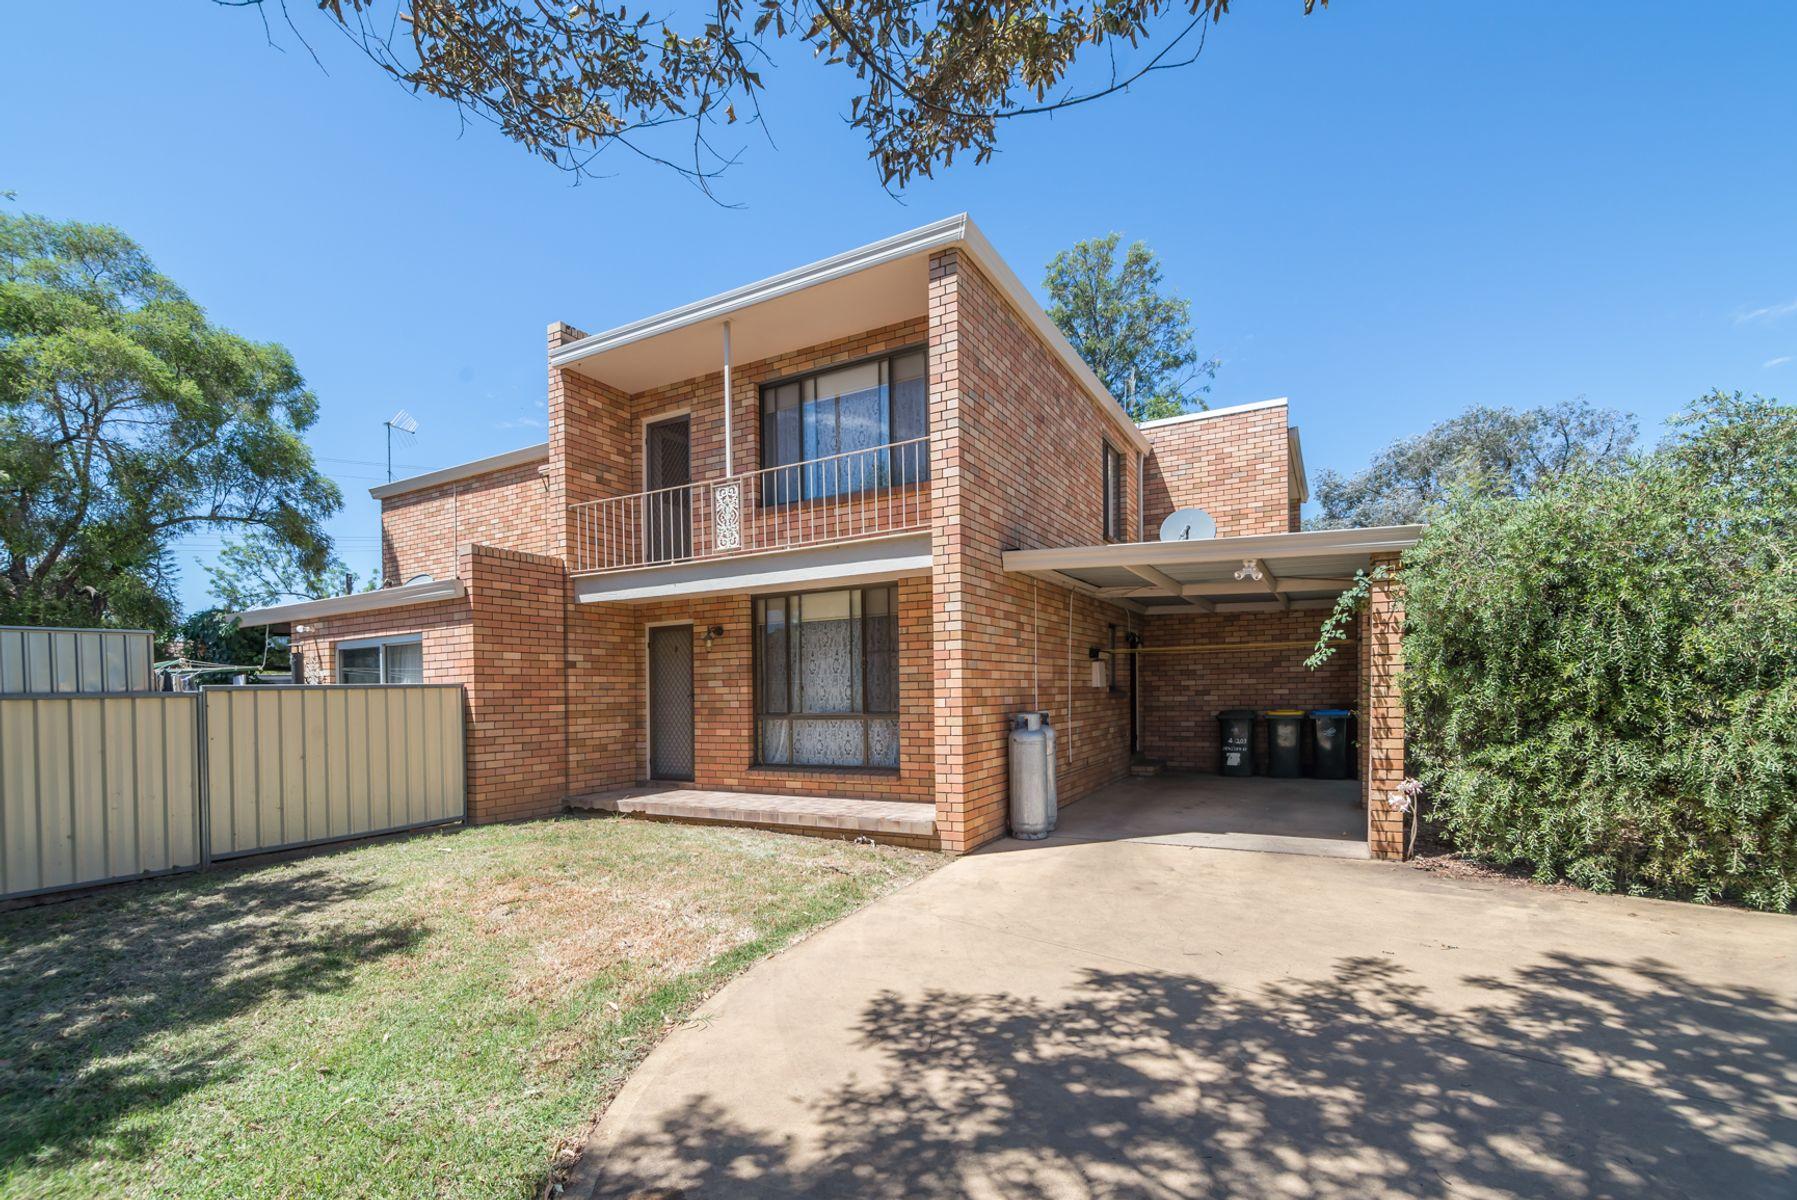 4/203 Denison Street, Mudgee, NSW 2850